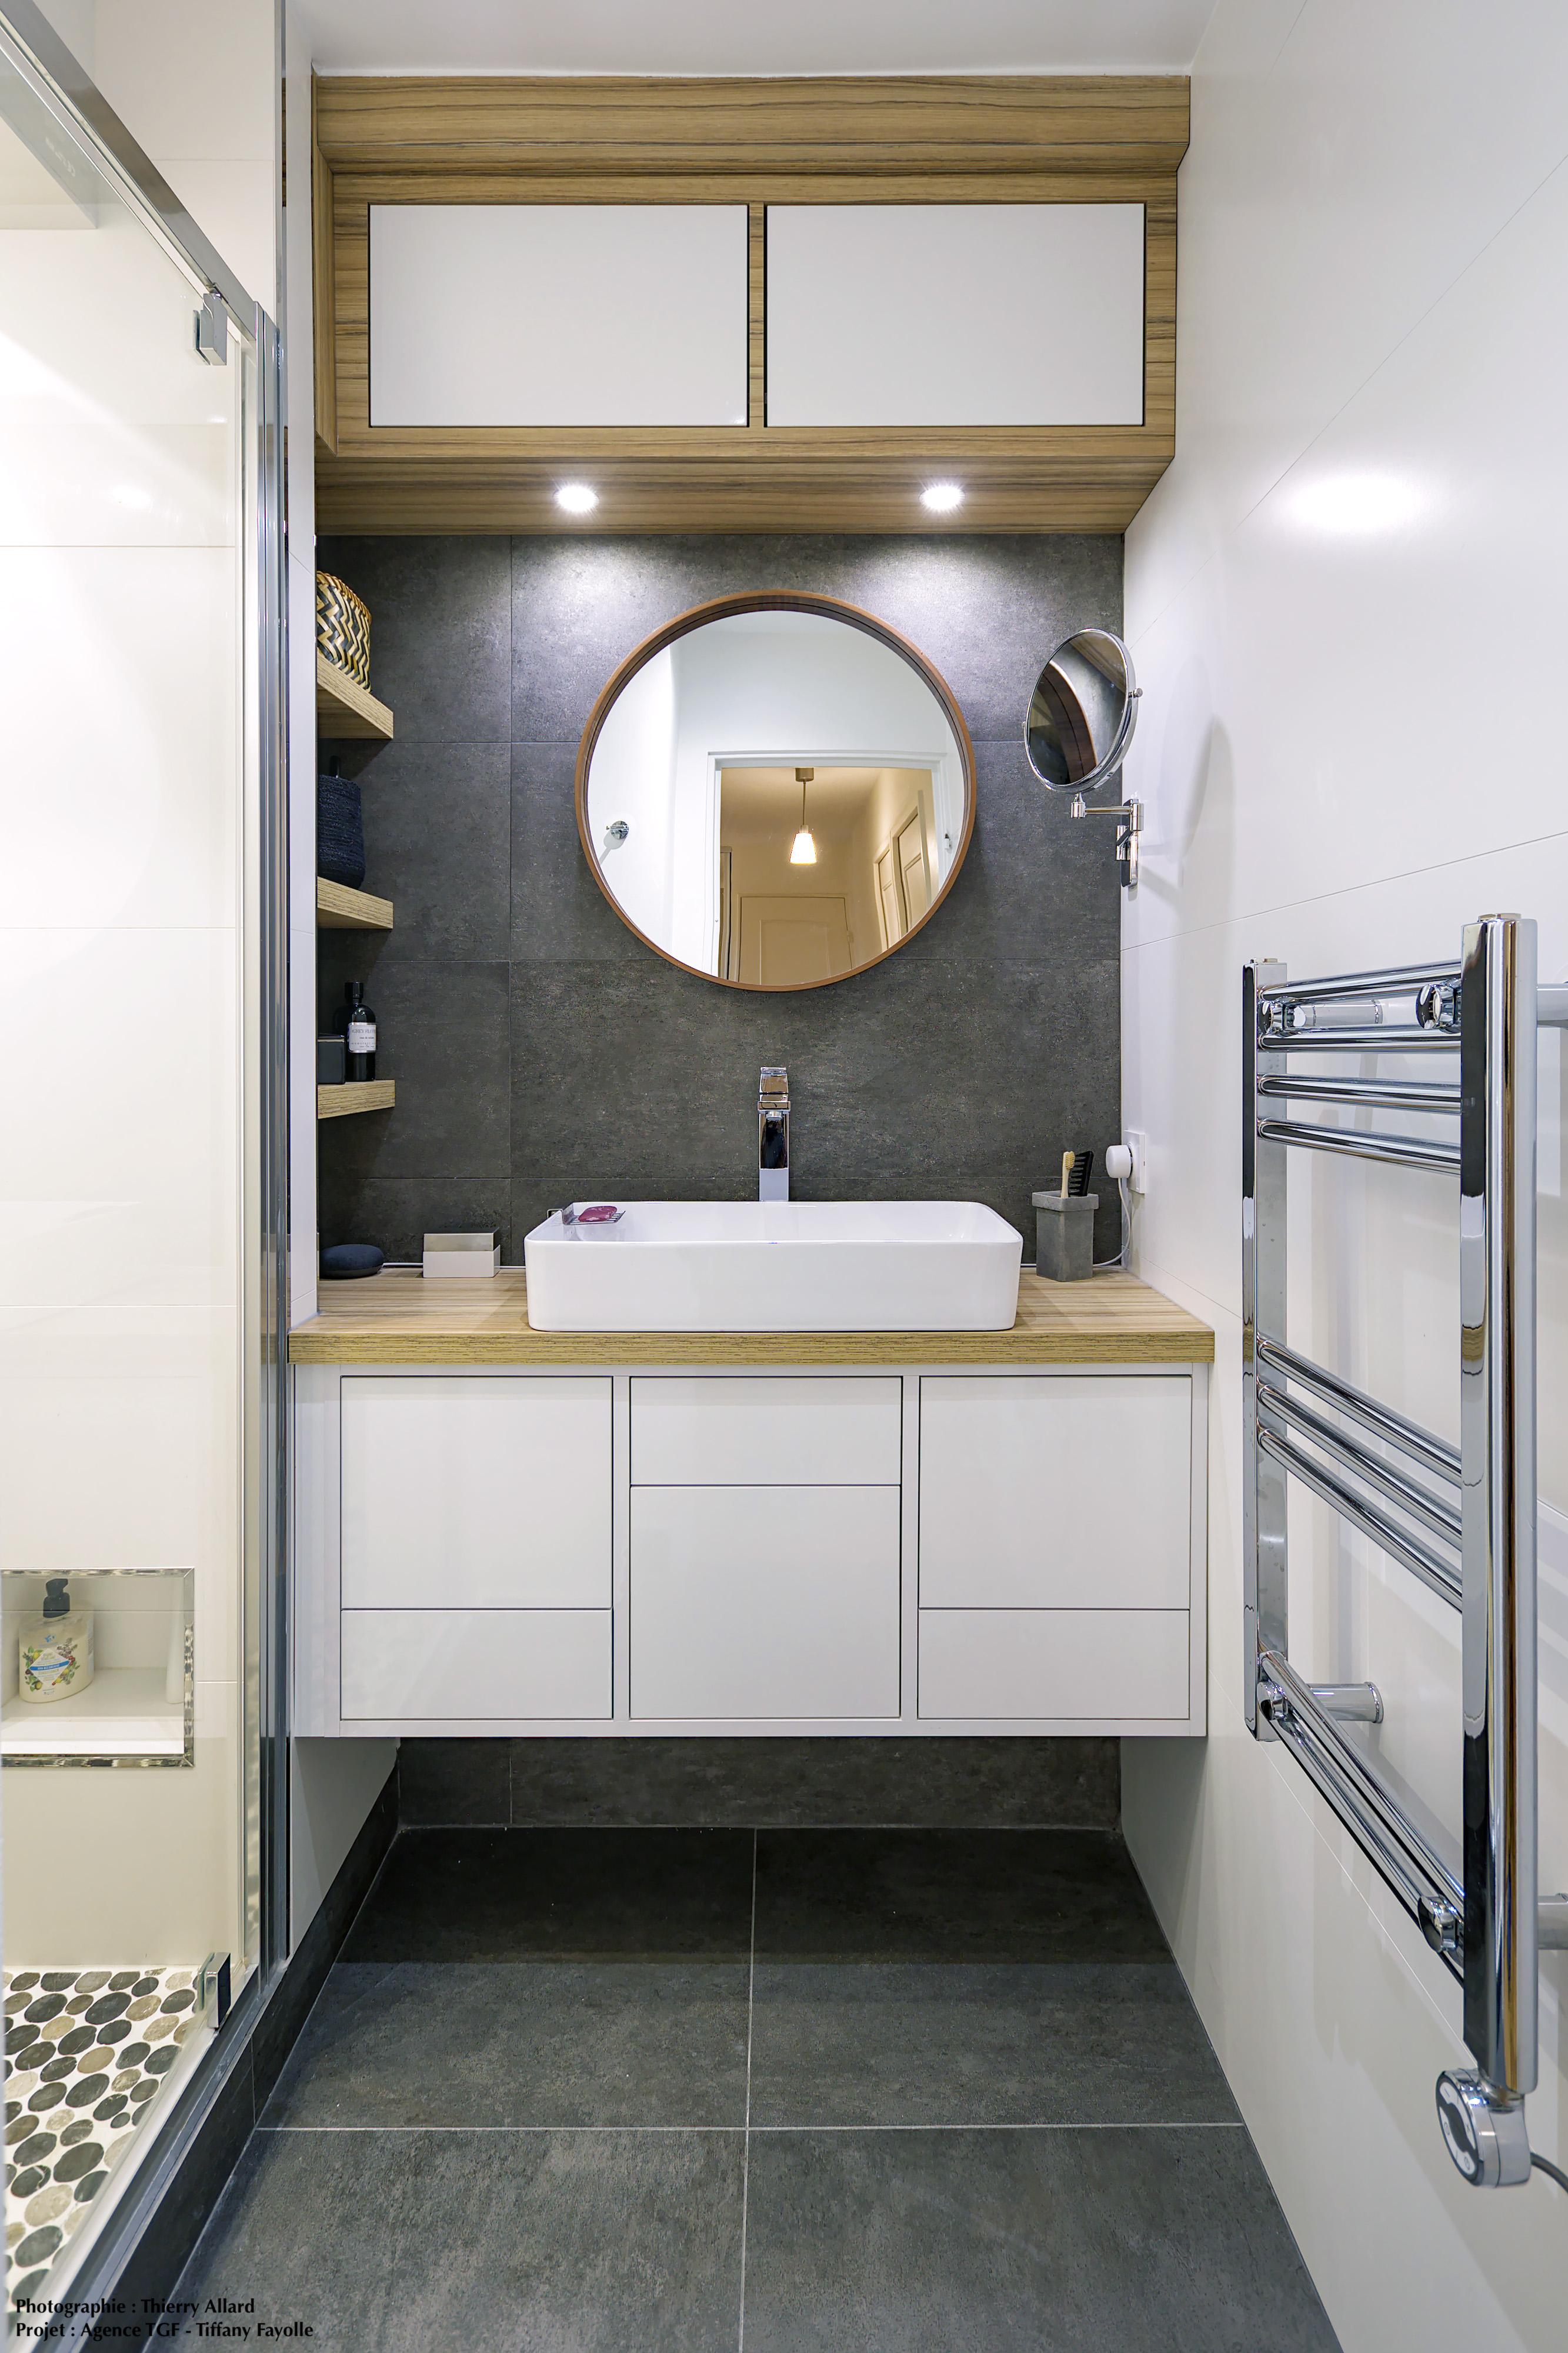 rénovation d'une salle de douche en fini